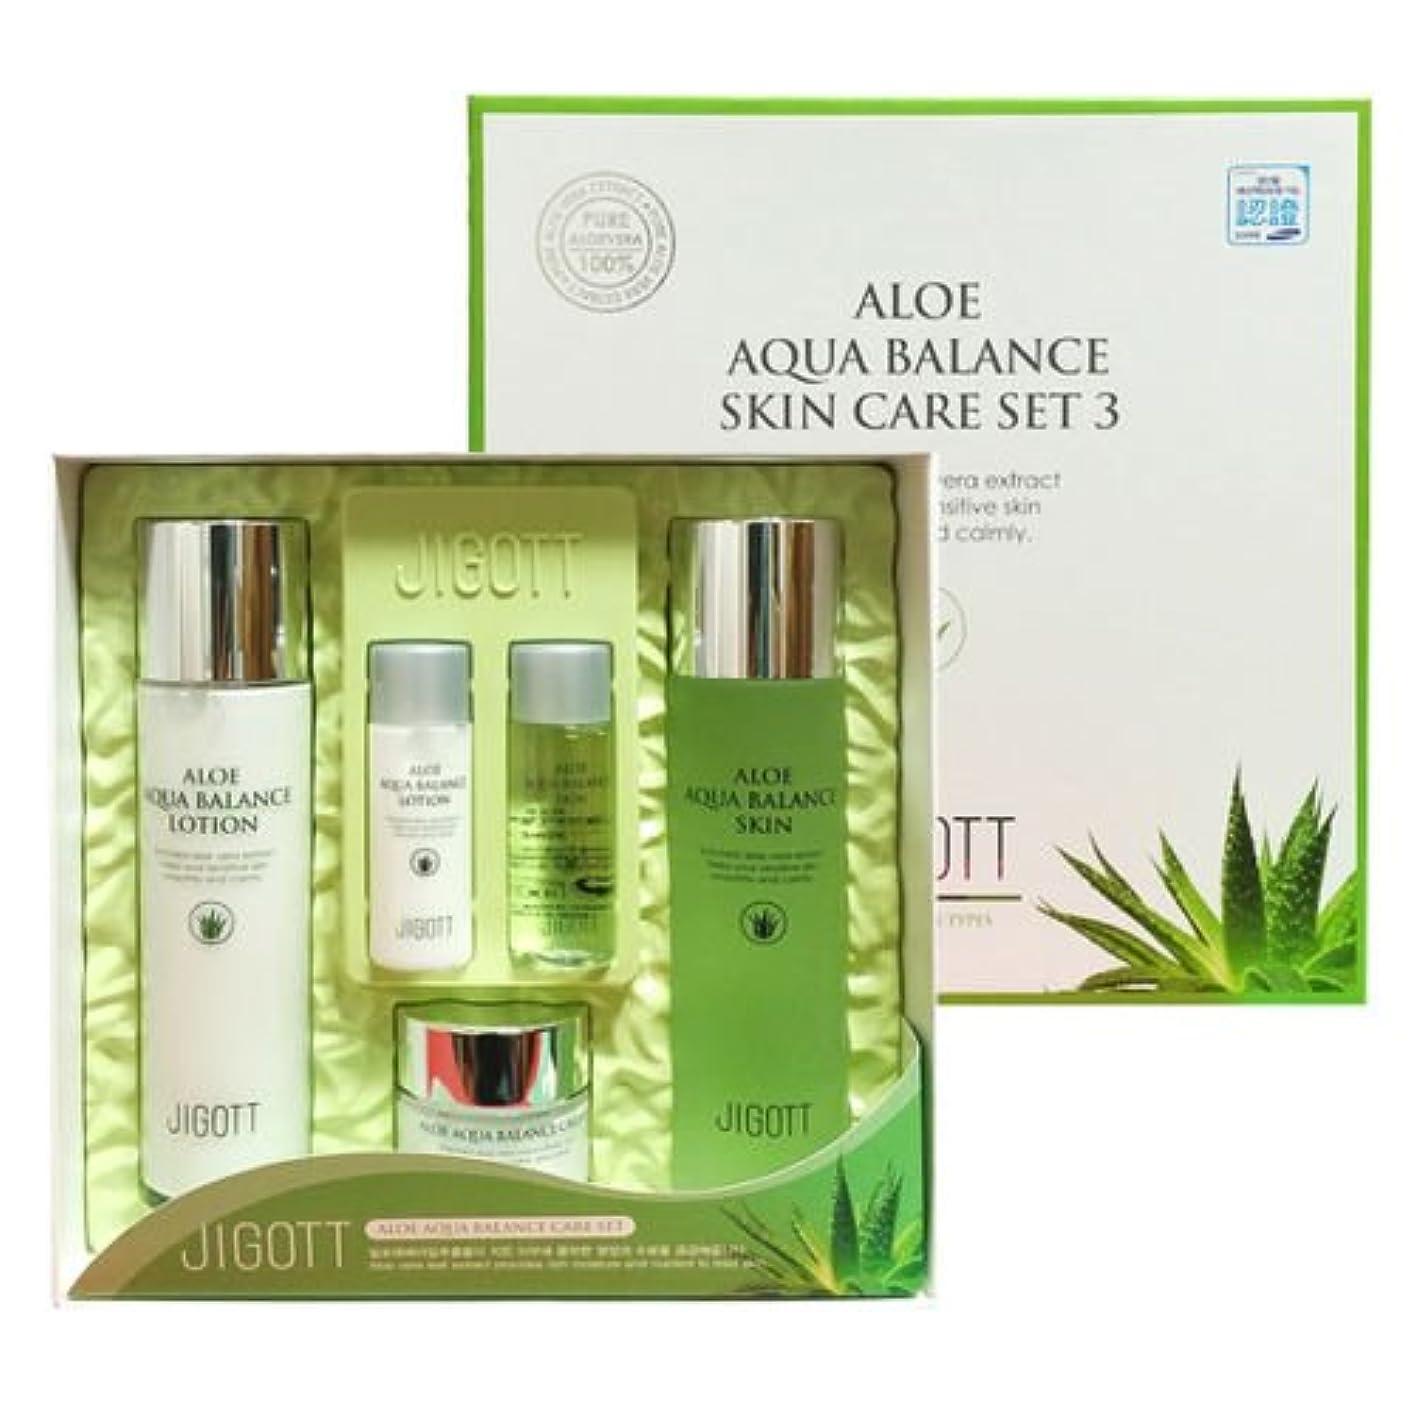 刺します遊具必須ジゴトゥ[韓国コスメJigott]Aloe Aqua Balance Skin Care 3 Set アロエアクアバランススキンケア3セット樹液,乳液,クリーム [並行輸入品]